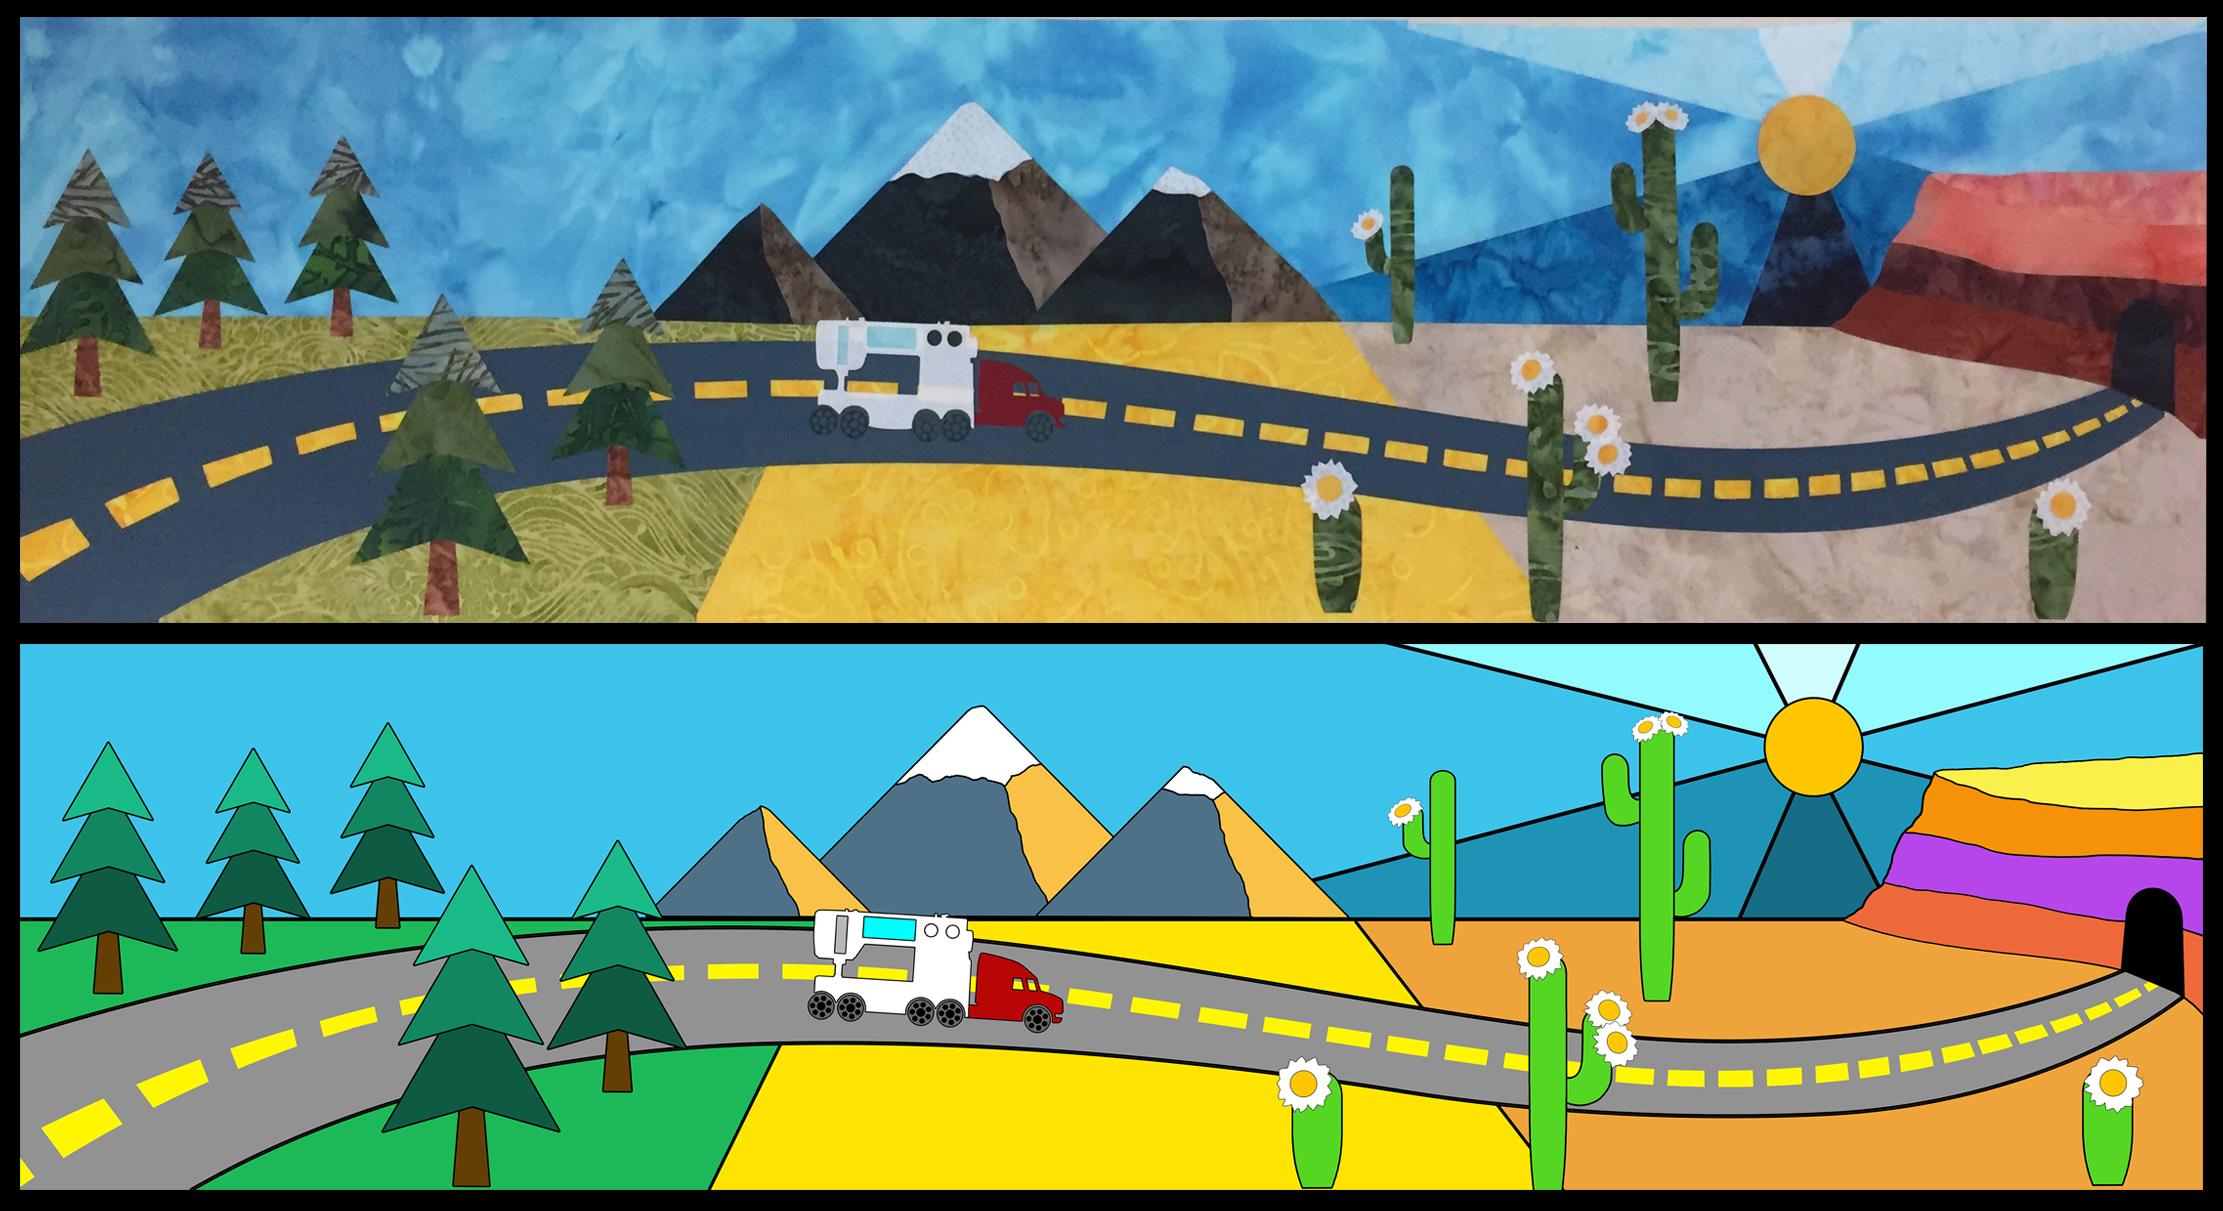 Road Trip quilt block design